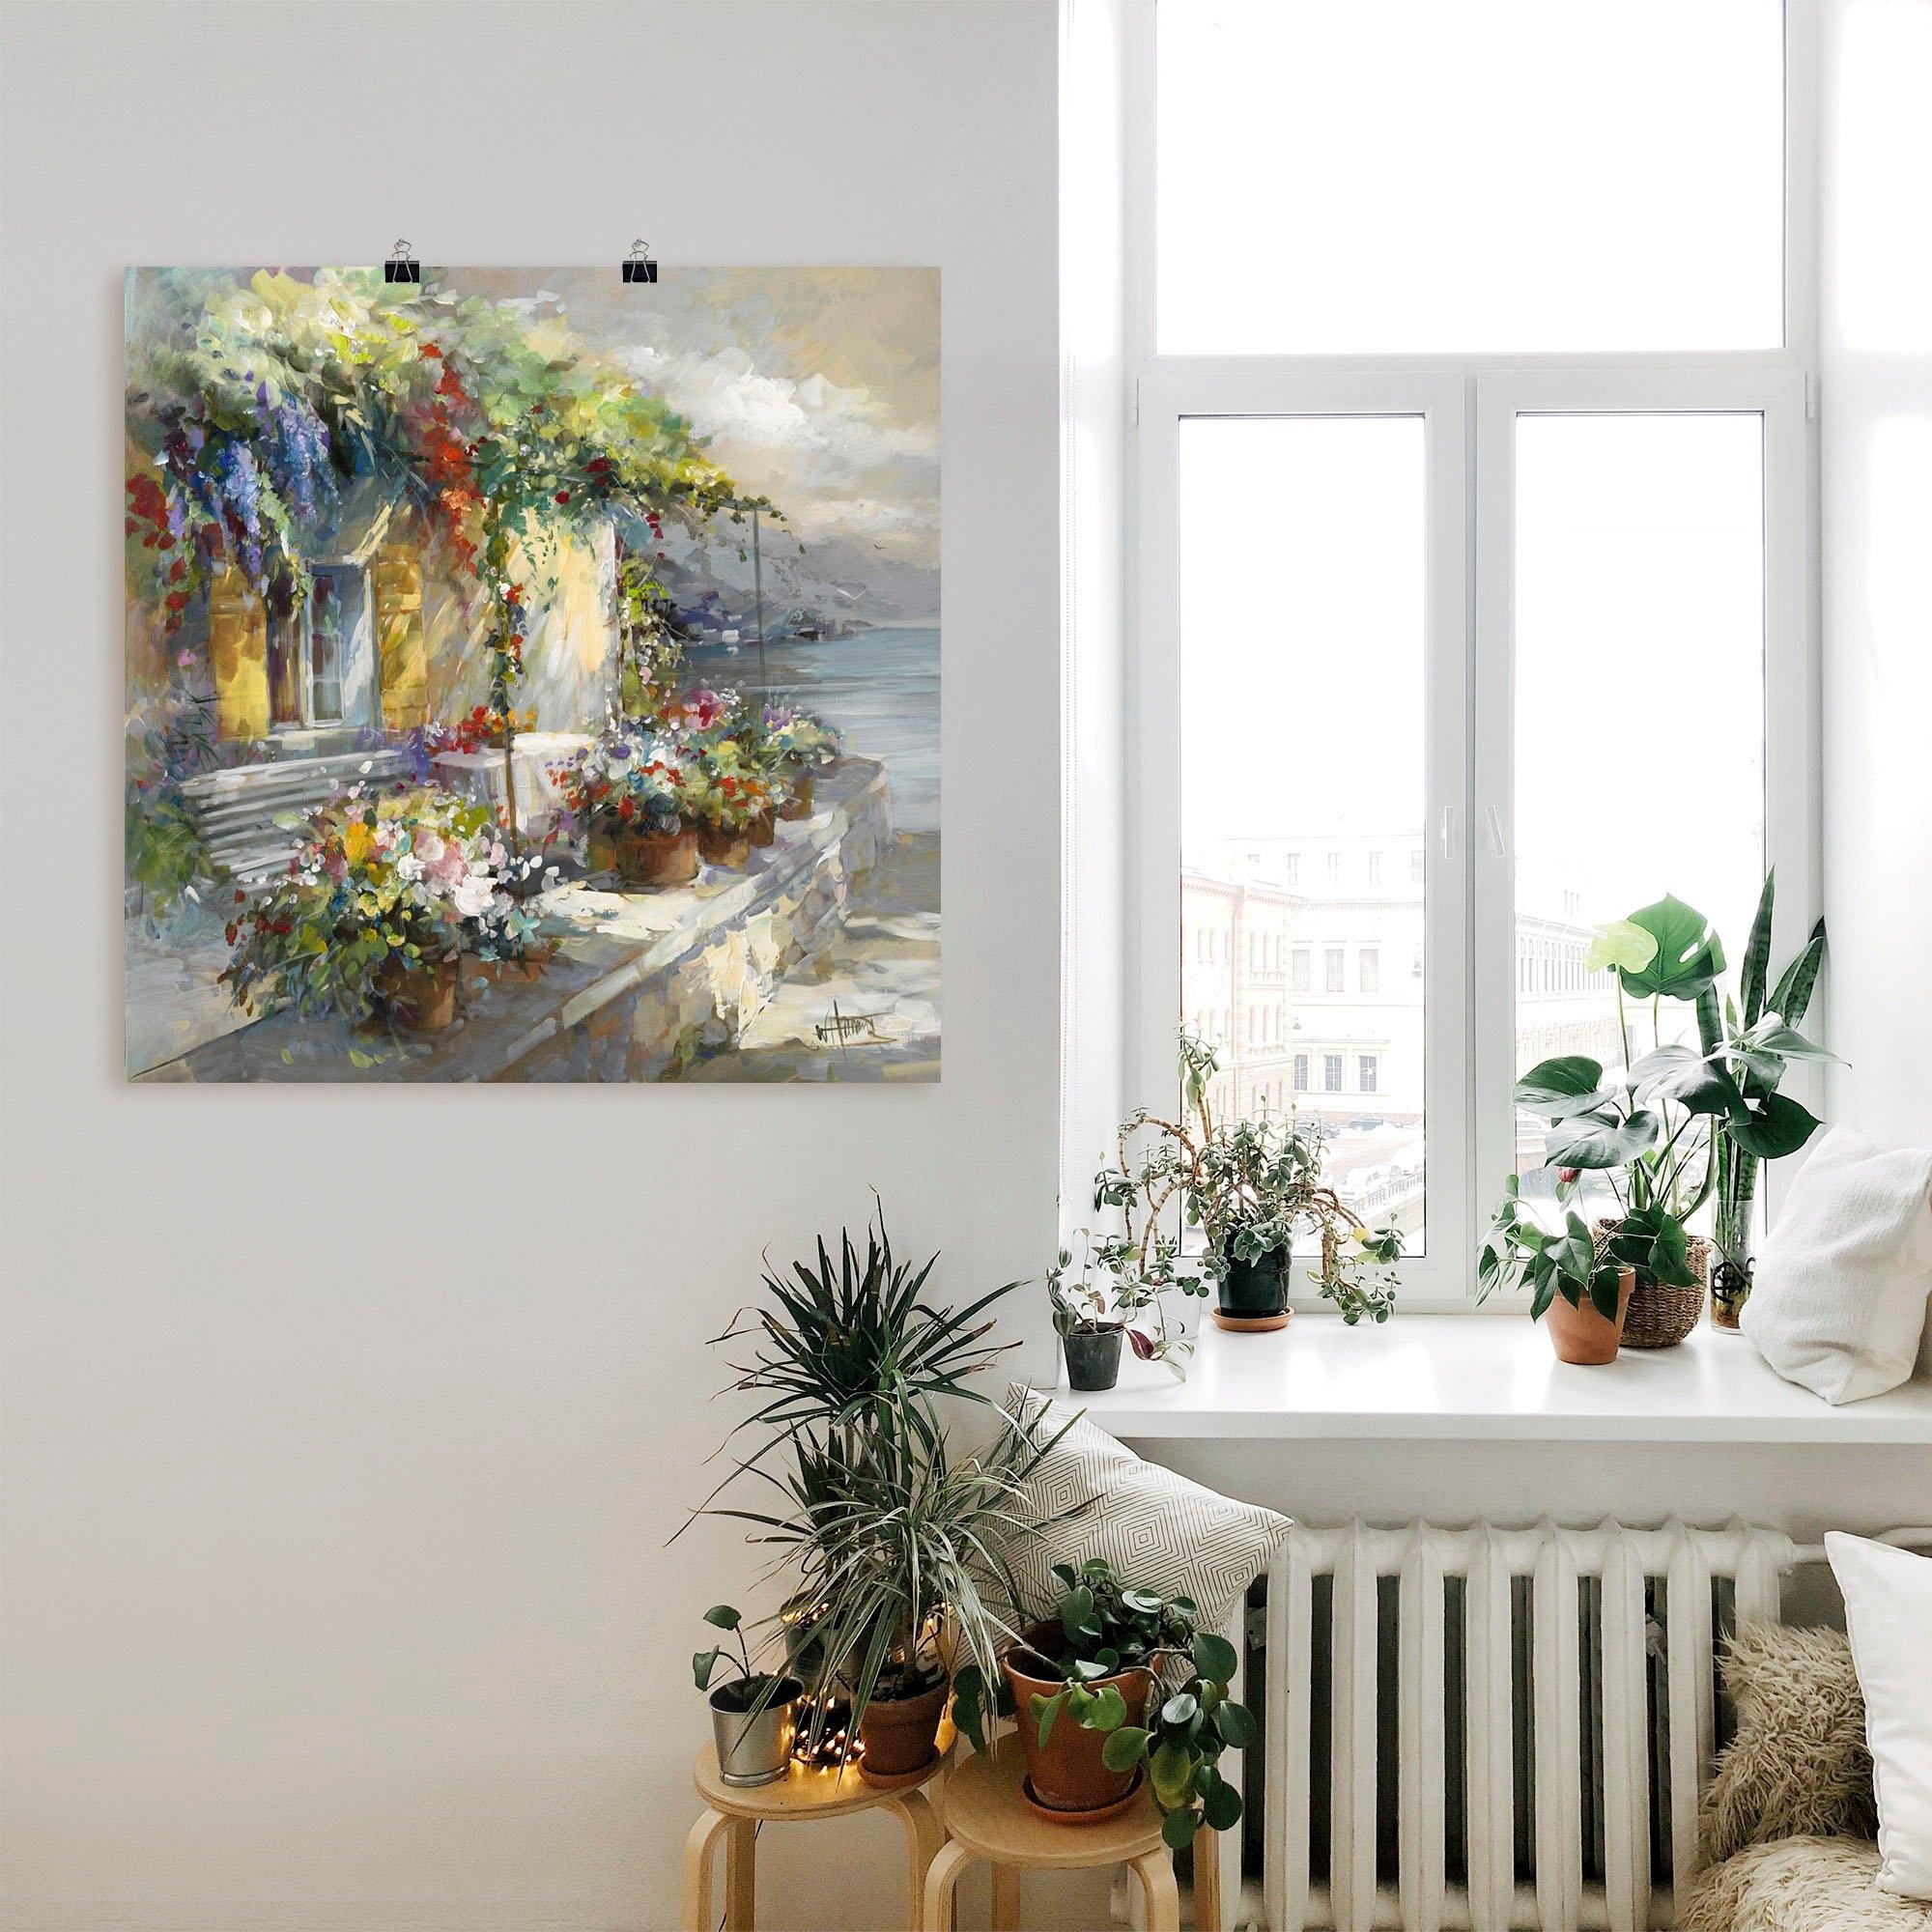 Artland artprint Veranda aan het meer in vele afmetingen & productsoorten -artprint op linnen, poster, muursticker / wandfolie ook geschikt voor de badkamer (1 stuk) - verschillende betaalmethodes